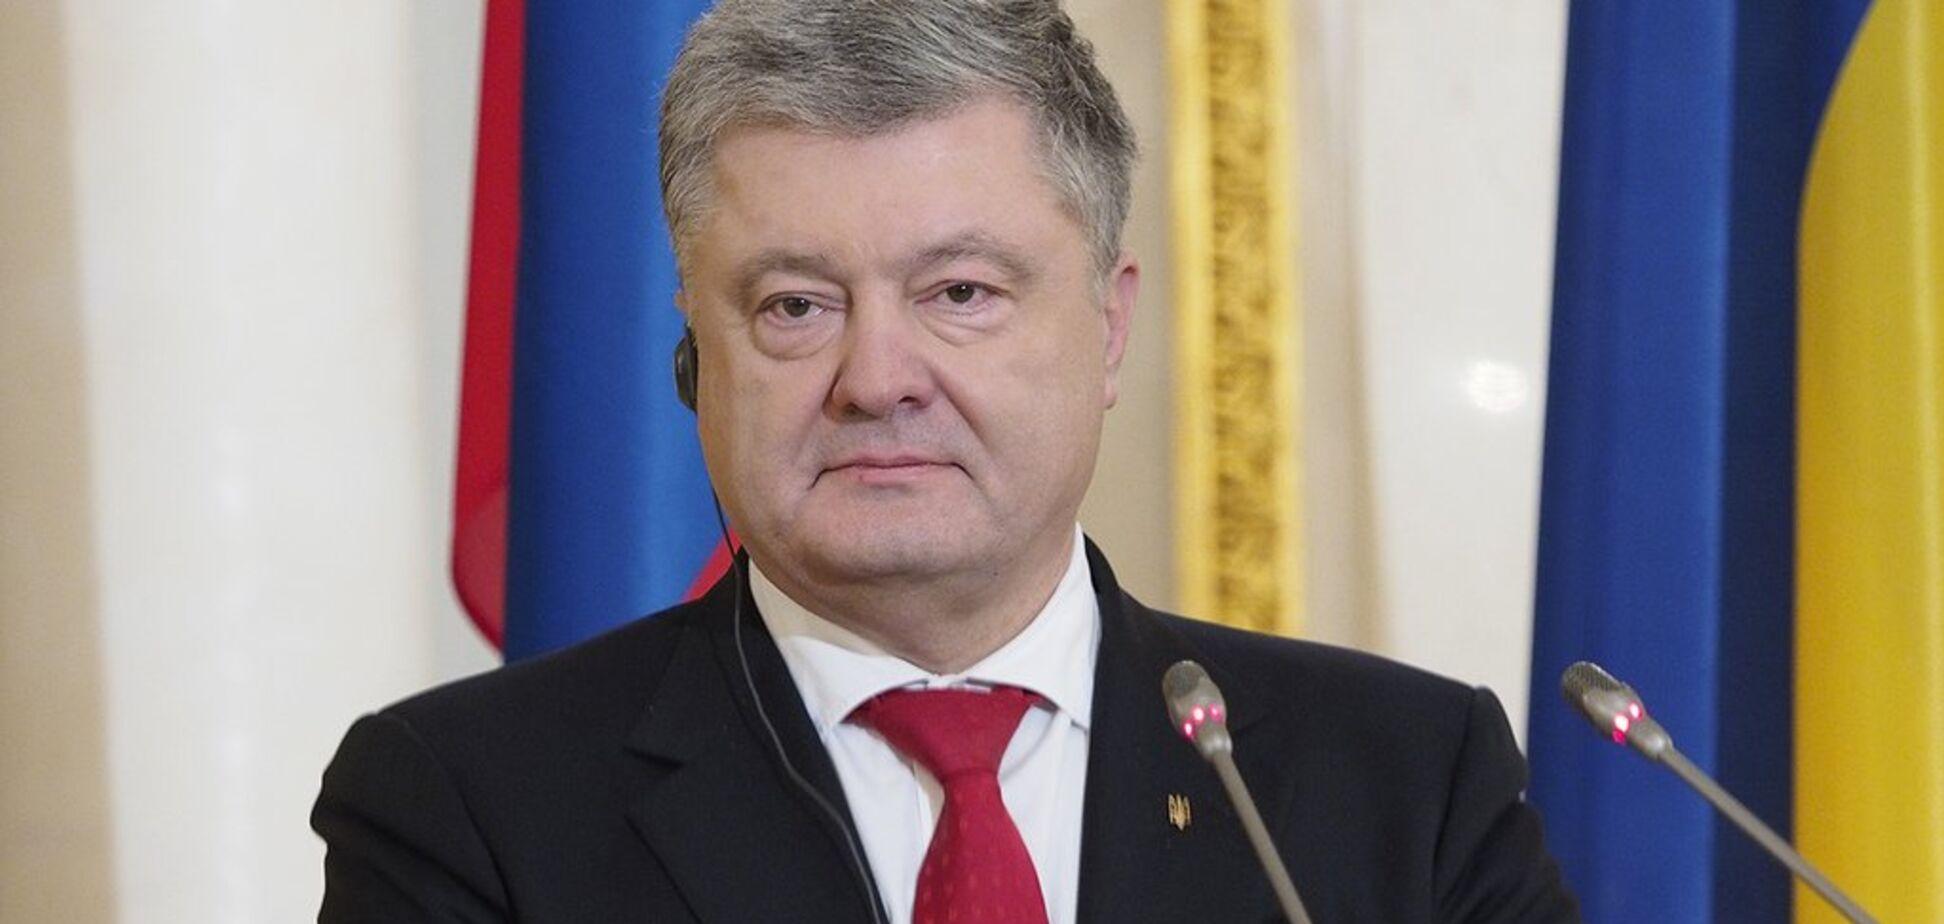 Украину пытаются оттеснить на обочину международной политики – Порошенко